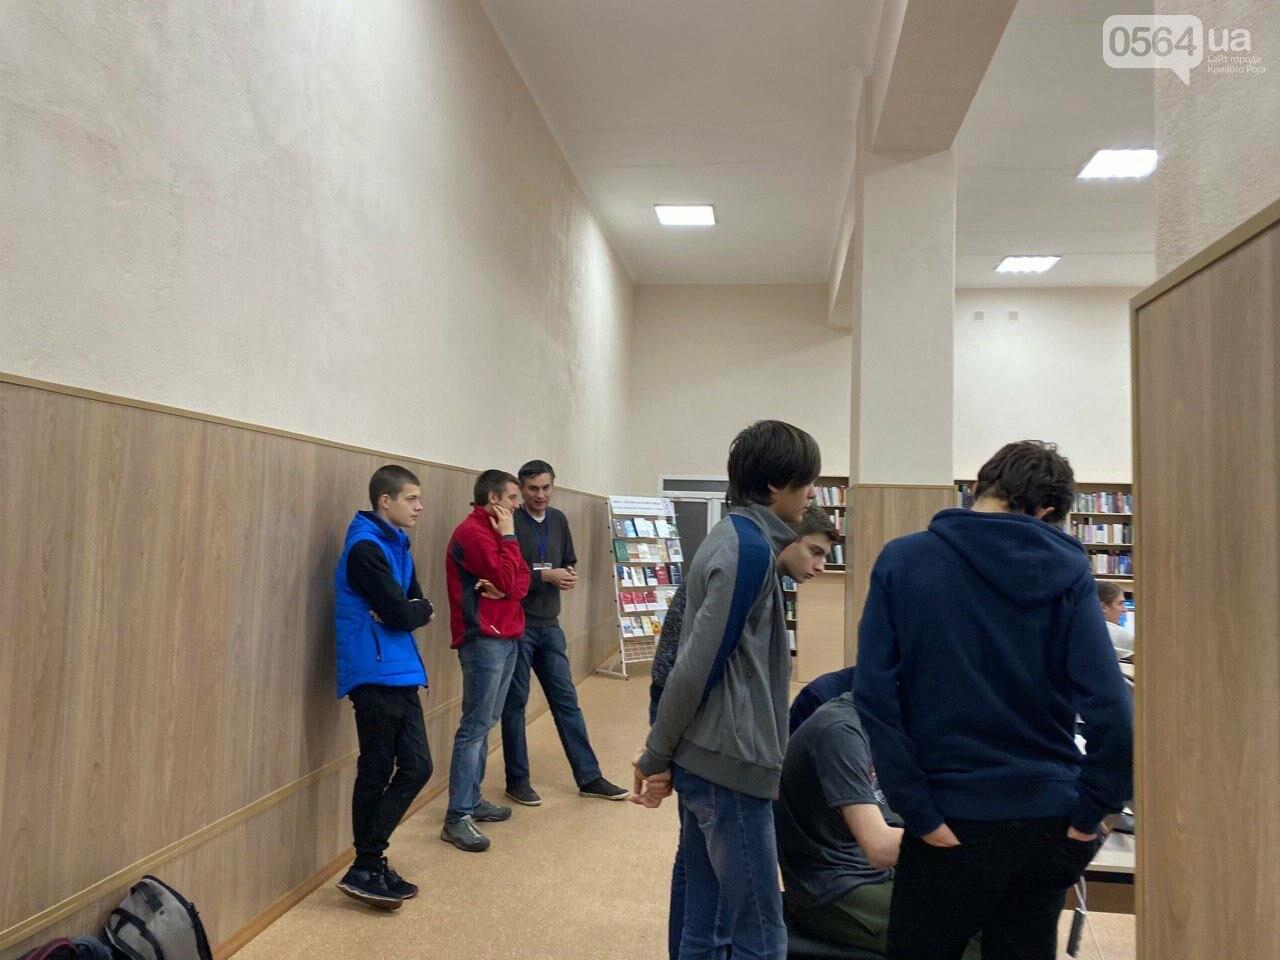 Впервые в Кривом Роге проходит Всеукраинский турнир юных информатиков, - ФОТО, фото-6